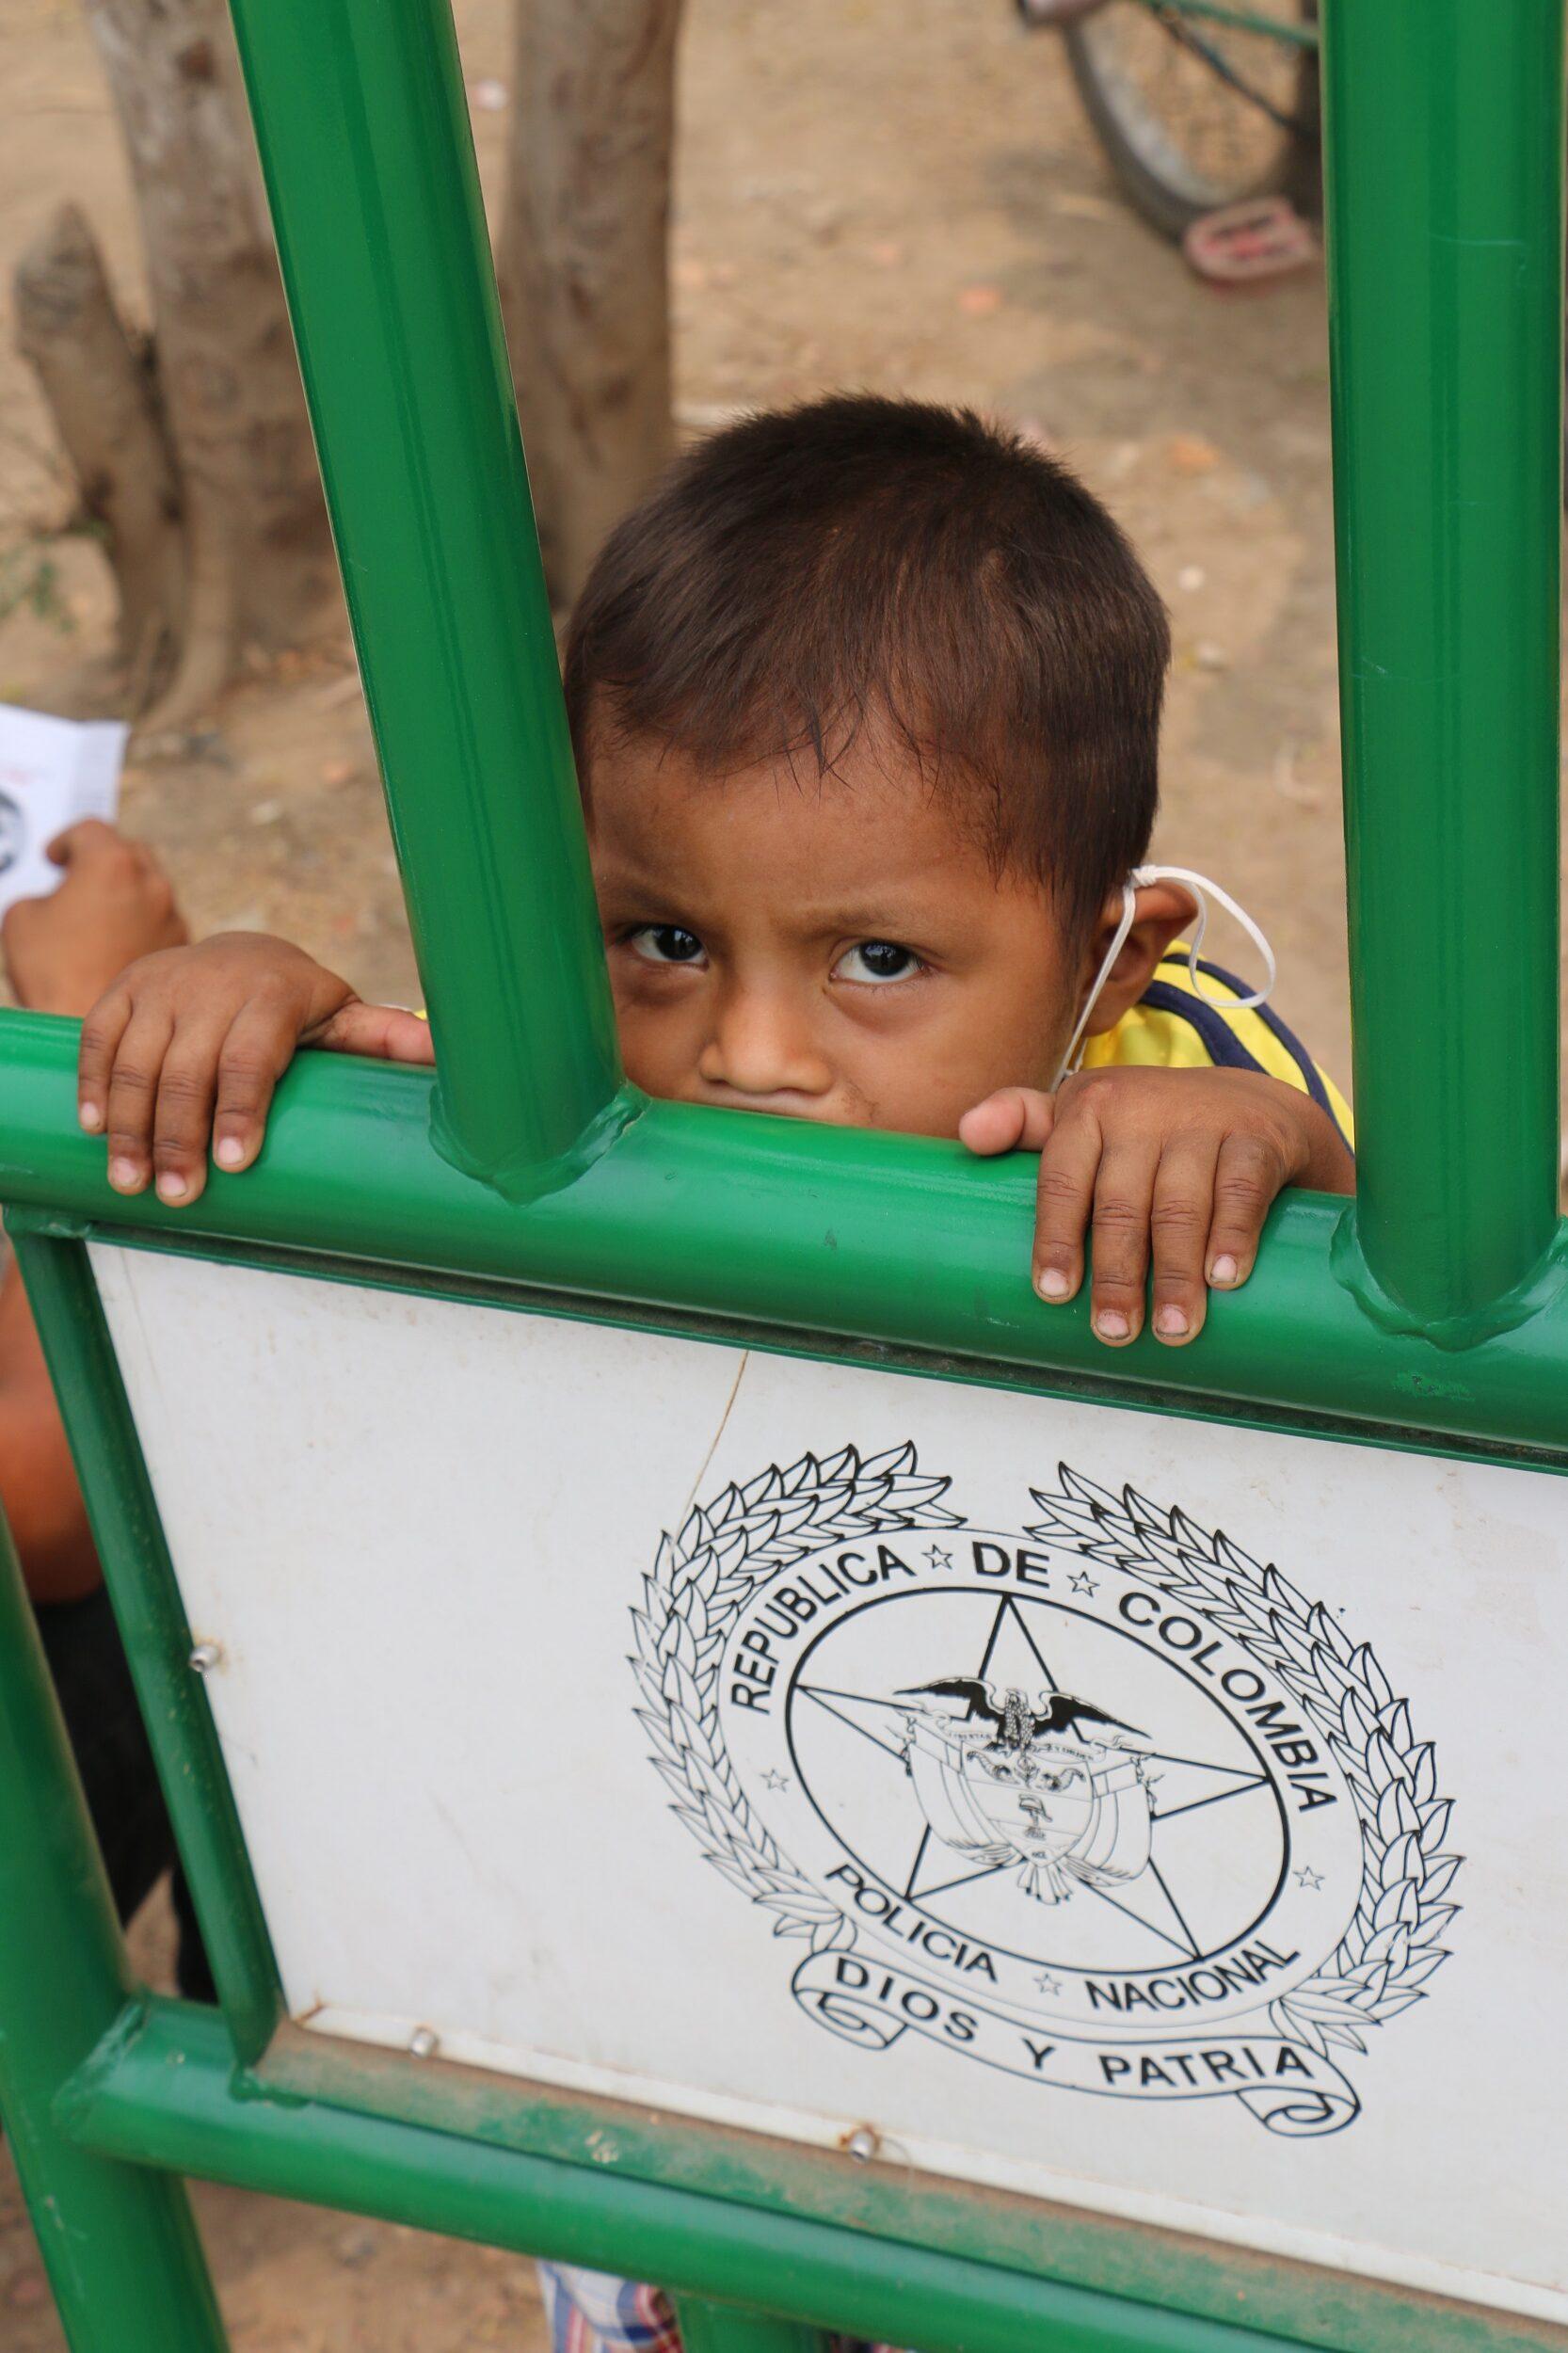 Steve Hide — Head of Mission Médecins sans Frontières, Colombia